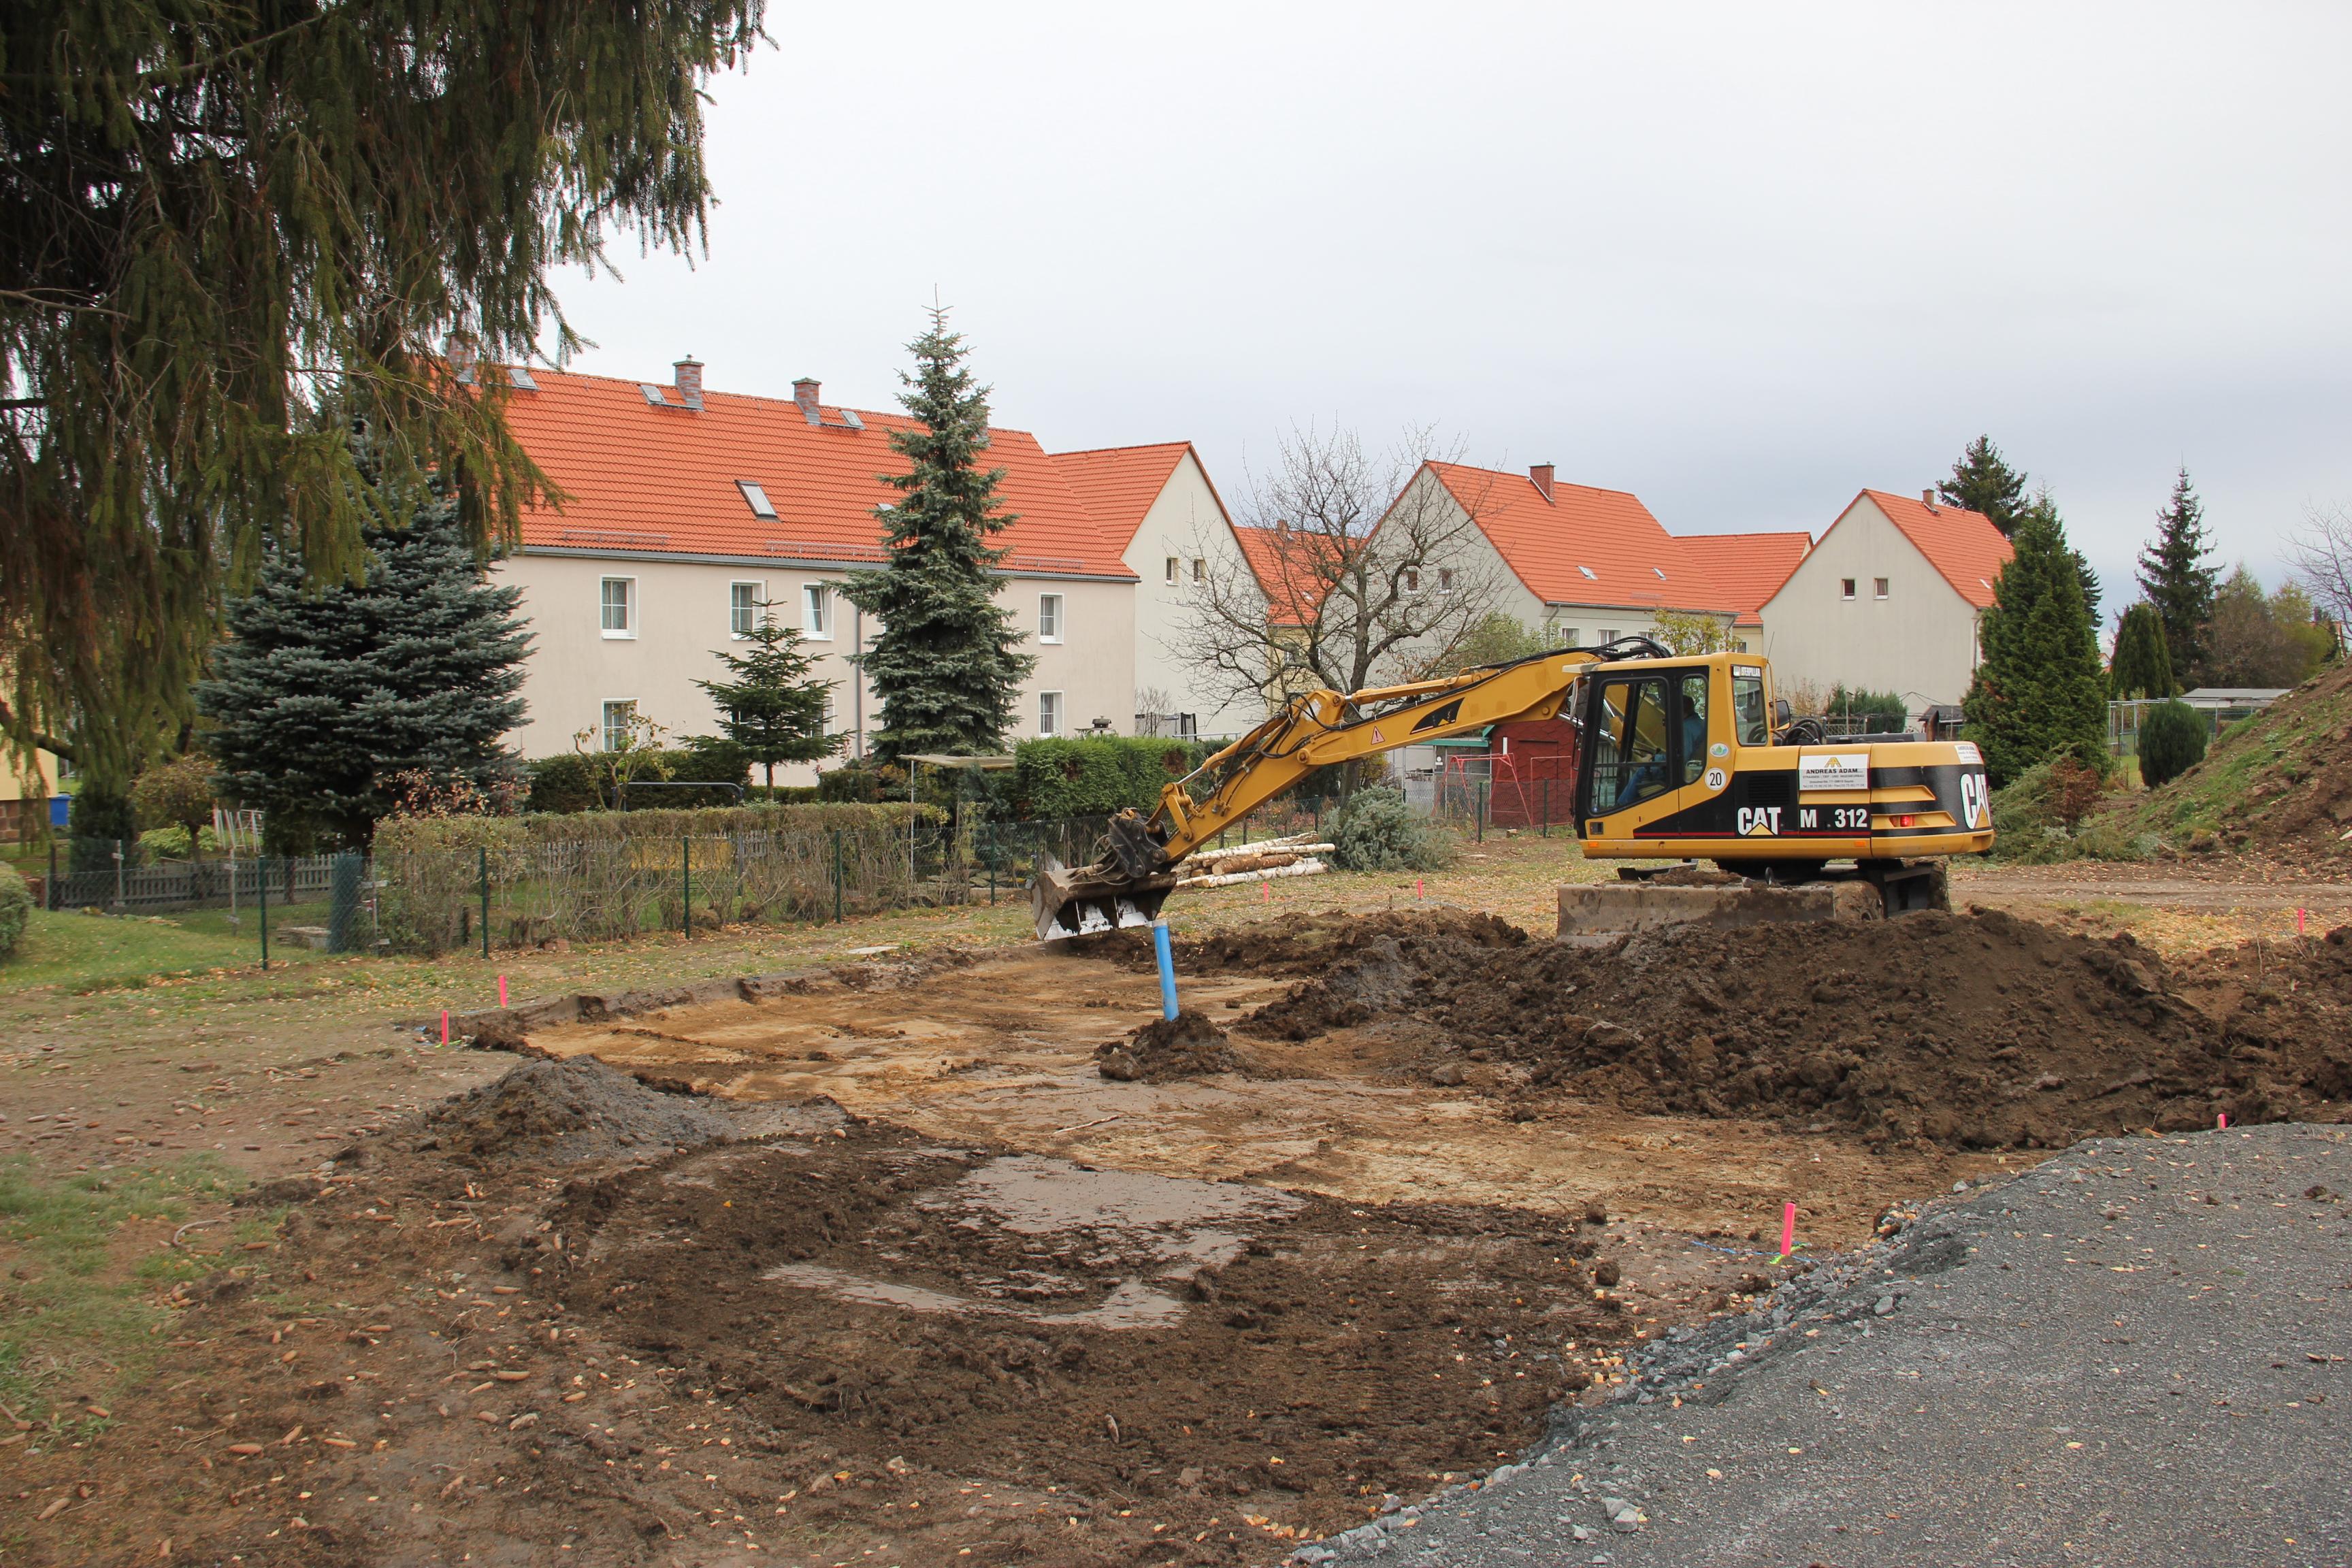 Baugrube wird ausgehoben